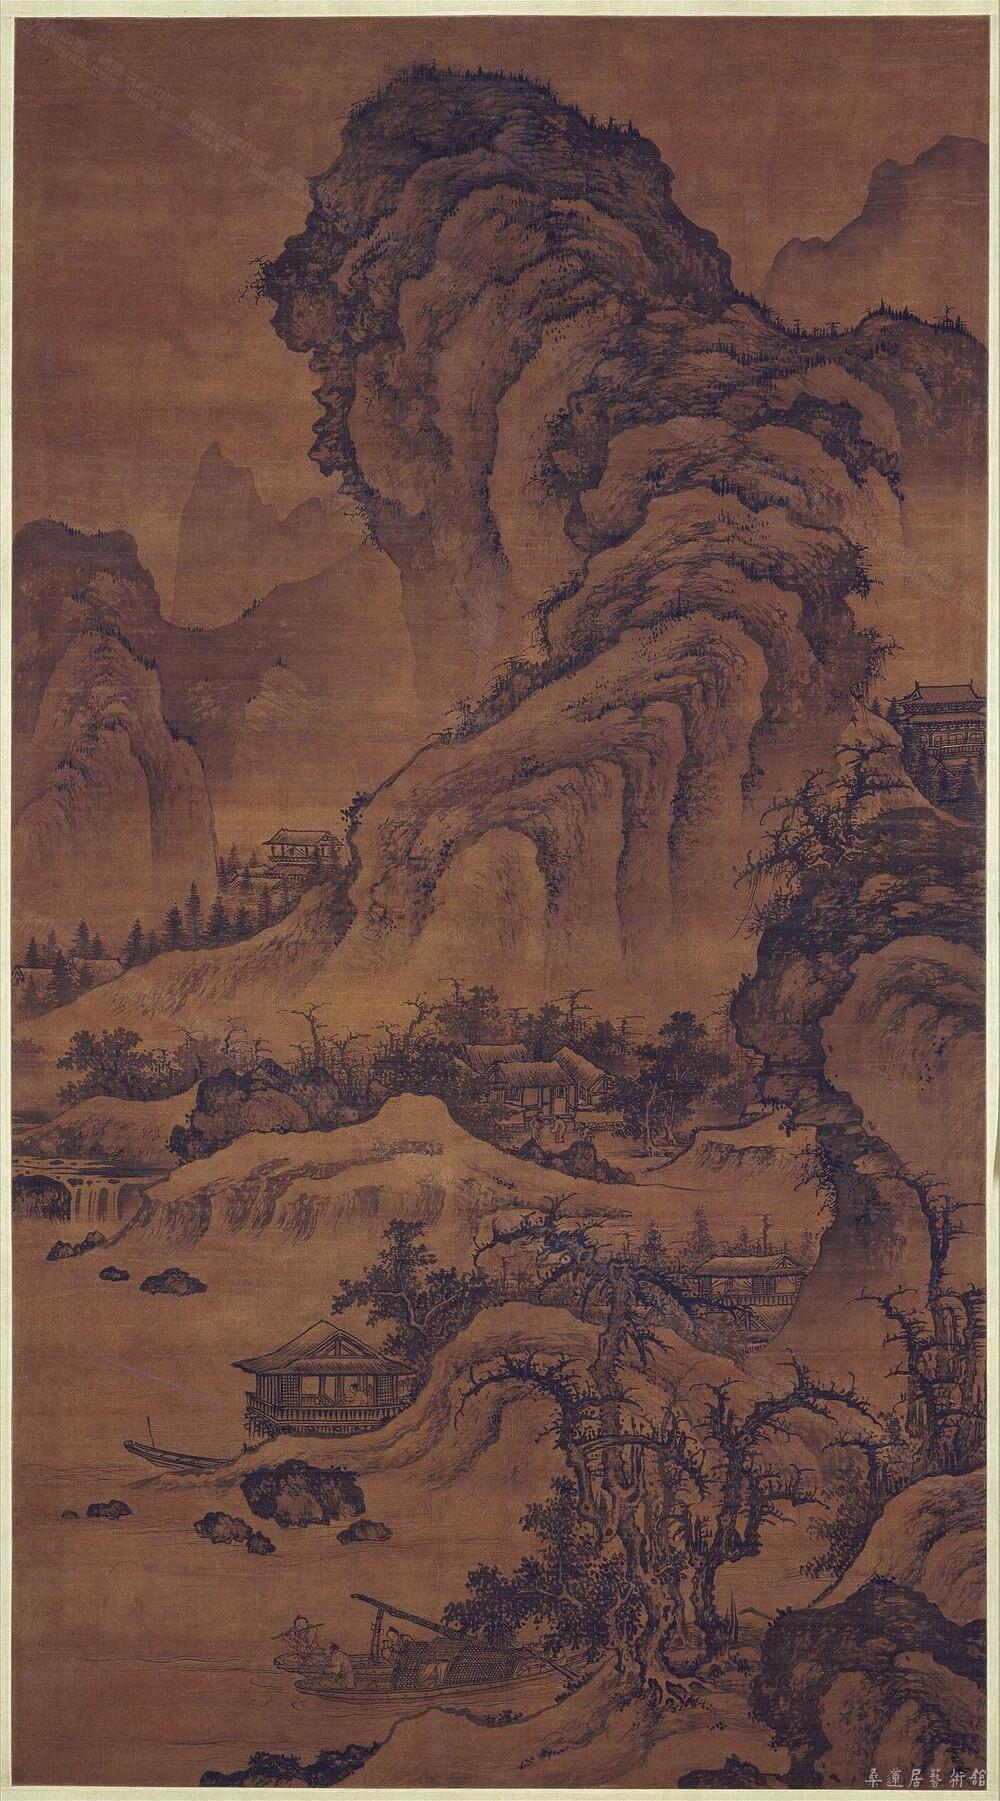 明 李在《阔渚遥峰图》轴 绢本墨笔 165.2×90.4cm 北京故宫博物院藏